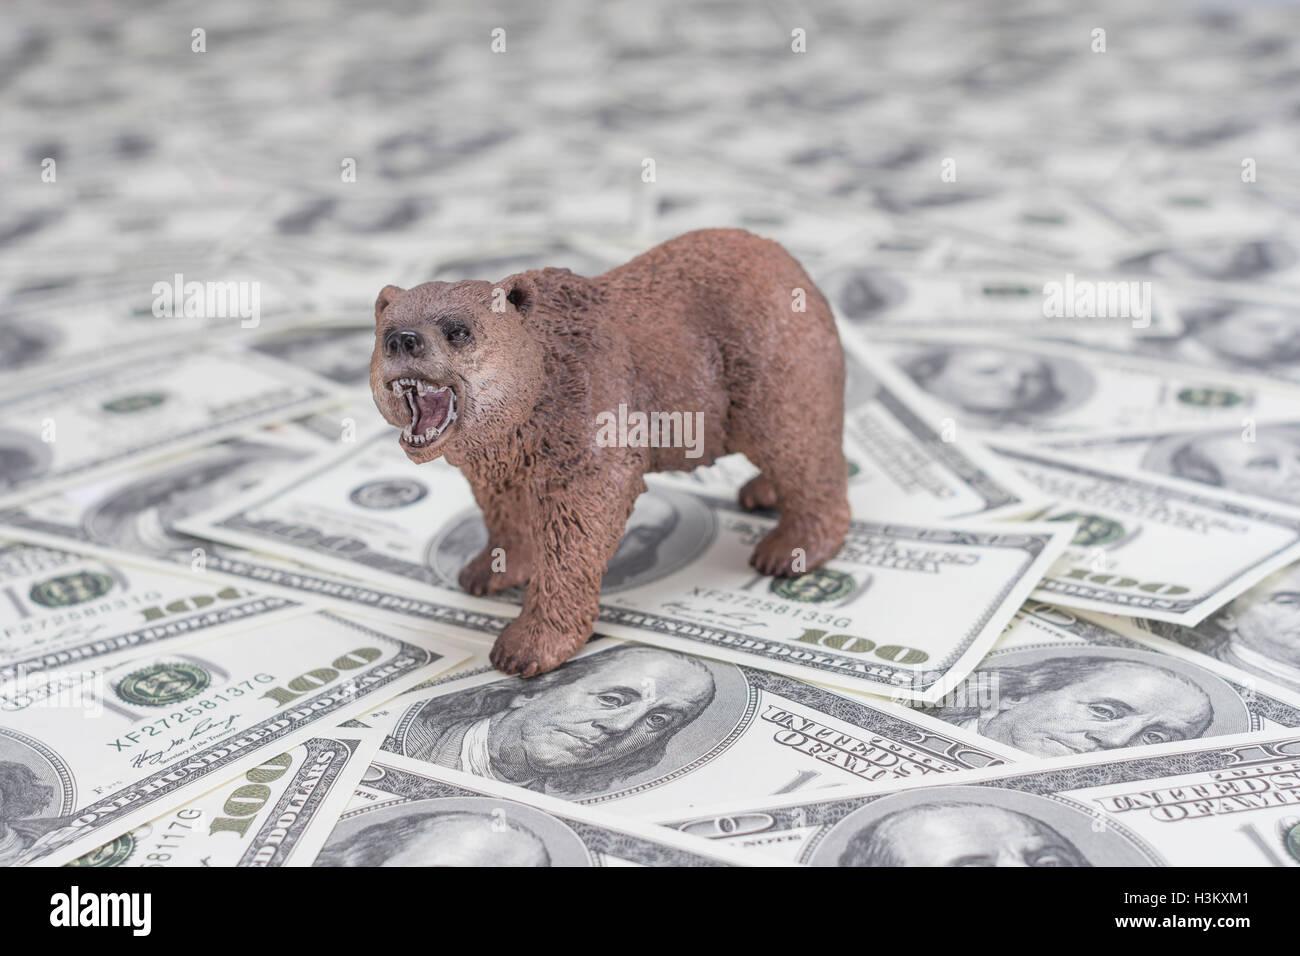 Oso con estibados de US$ 100 Franklin billetes / billetes. Metáfora del concepto de los mercados financieros Bull Foto de stock